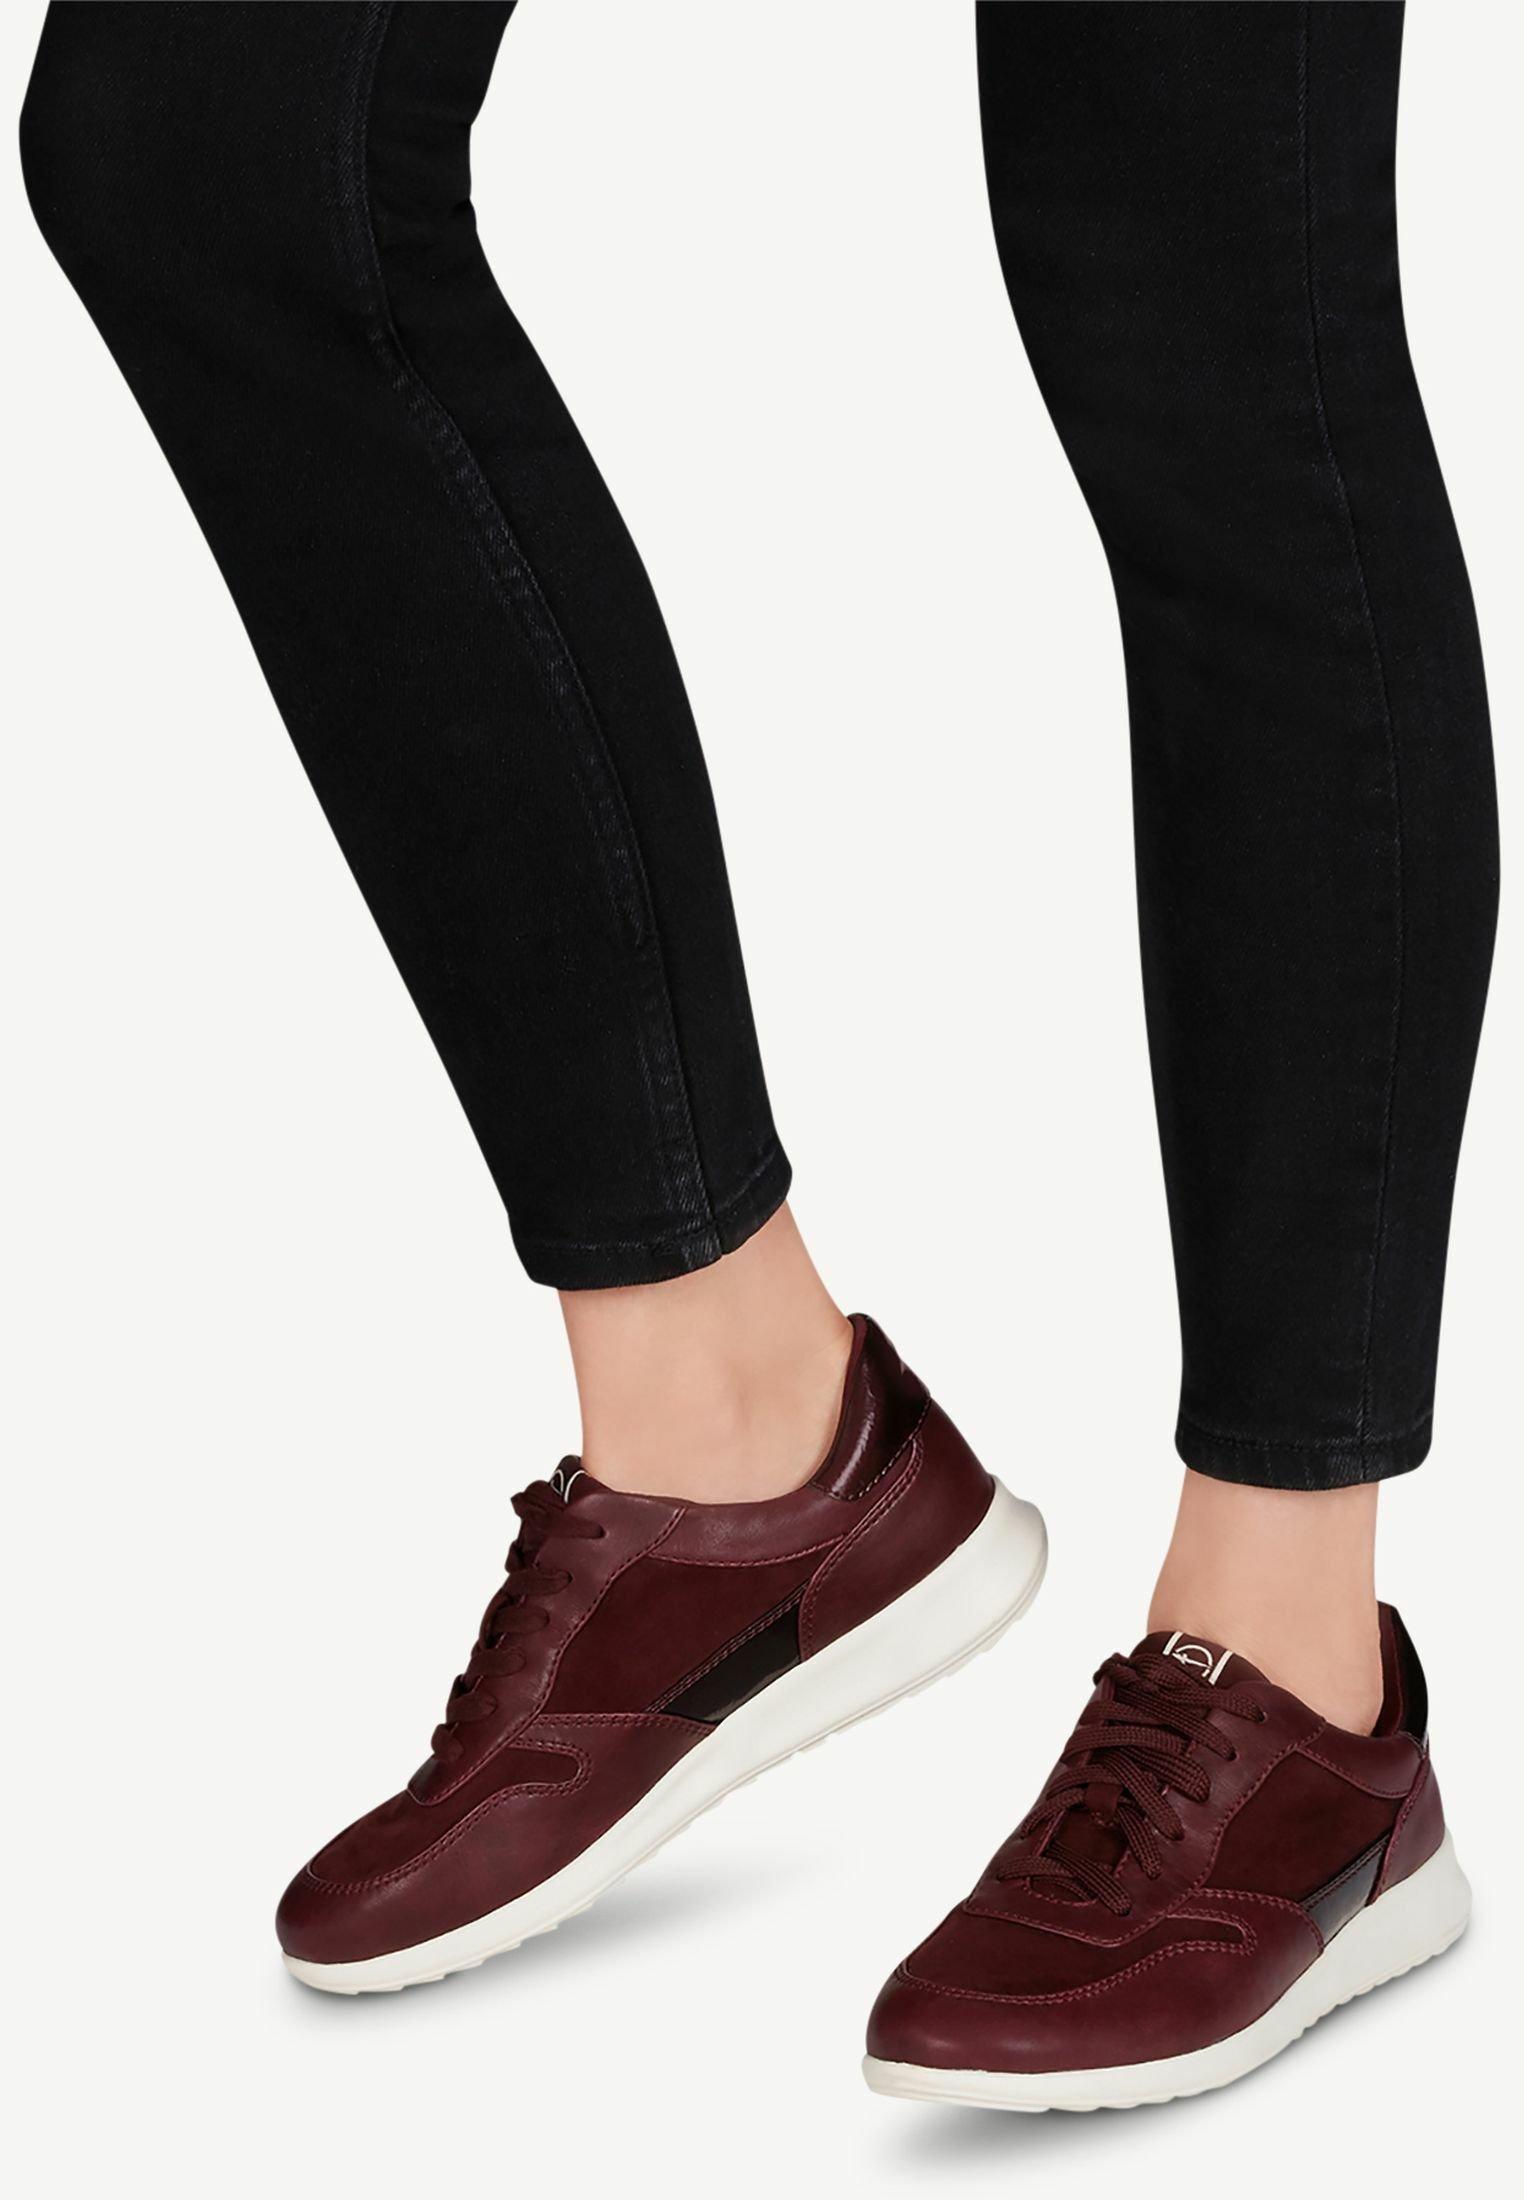 Gutes Angebot Tamaris Sneaker low - merlot | Damenbekleidung 2020